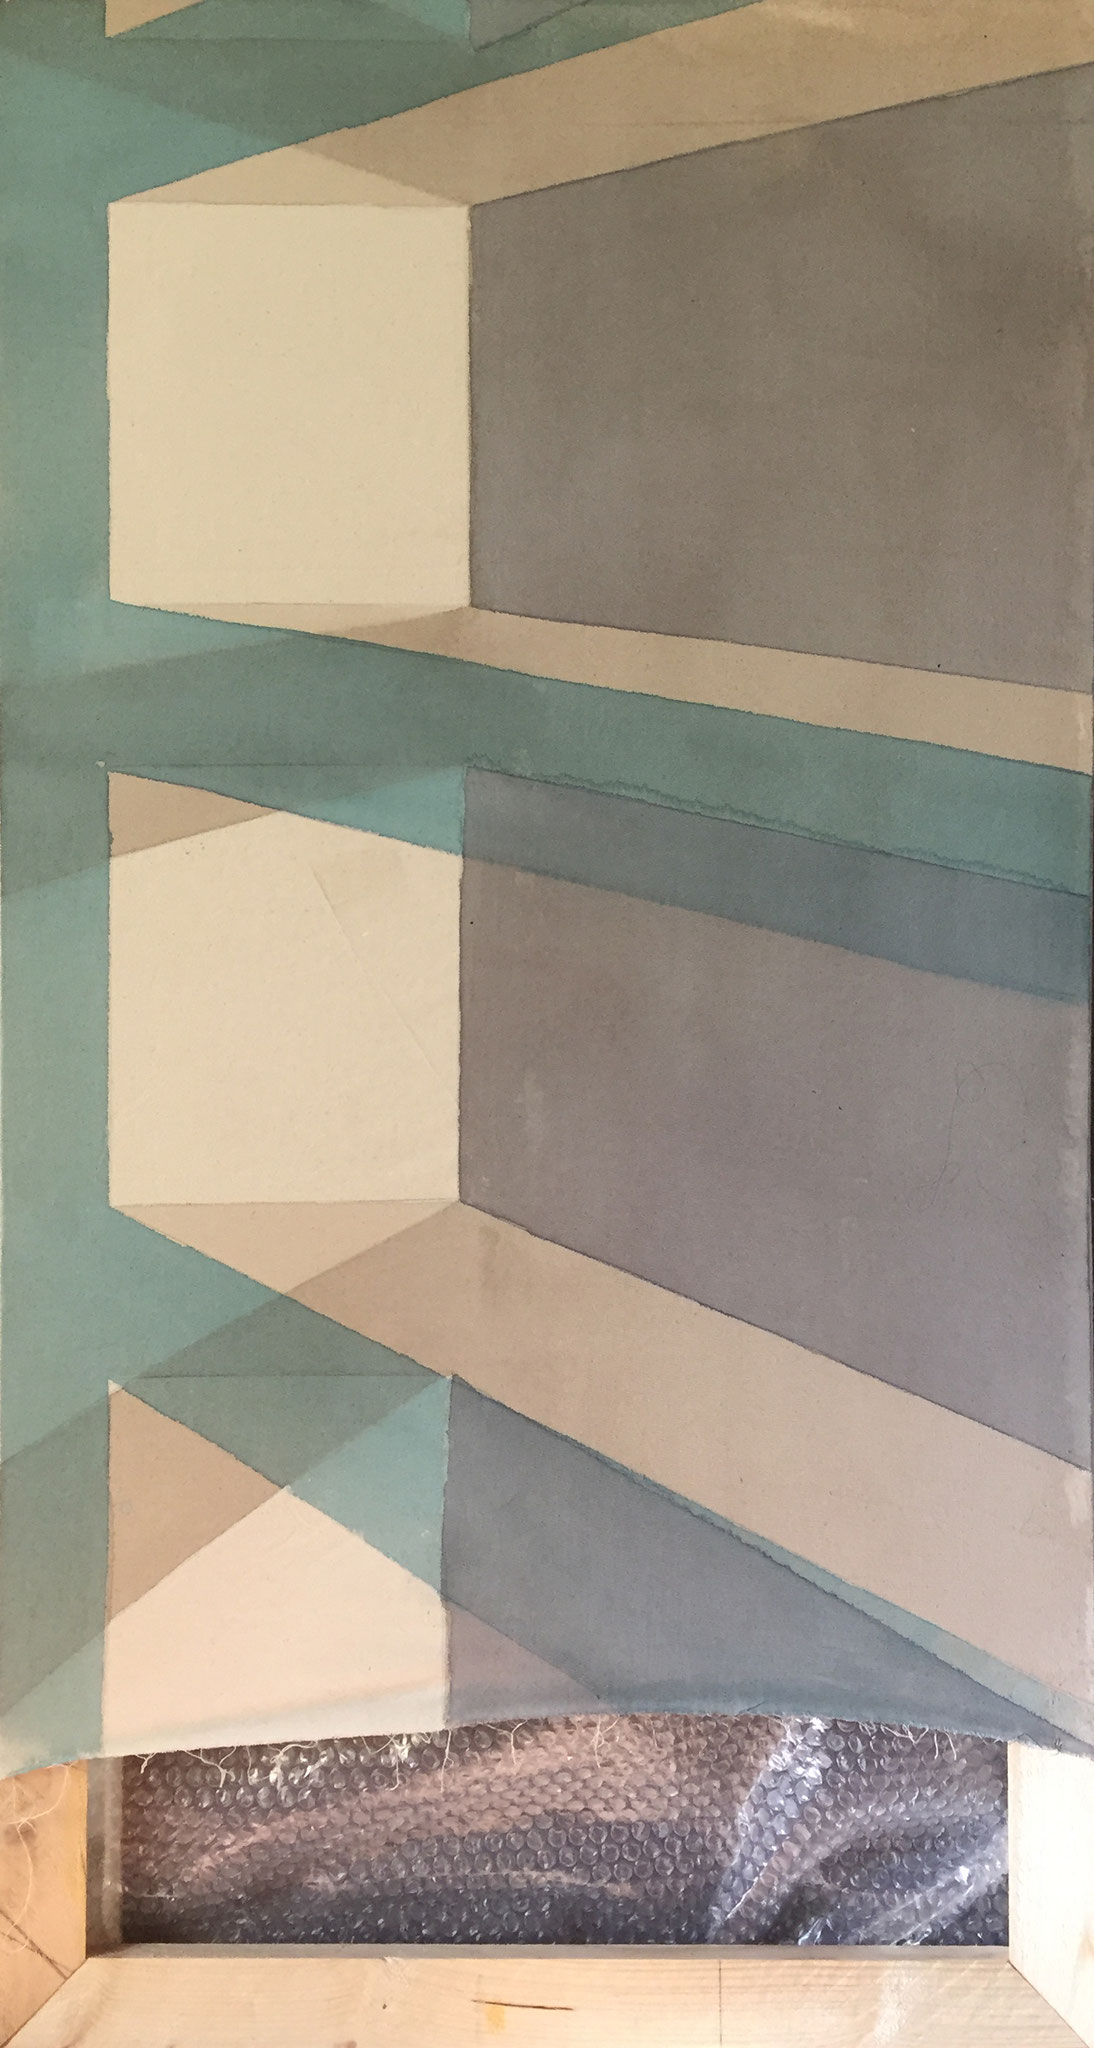 licht schacht / 2020 / 120x60 cm Acryl